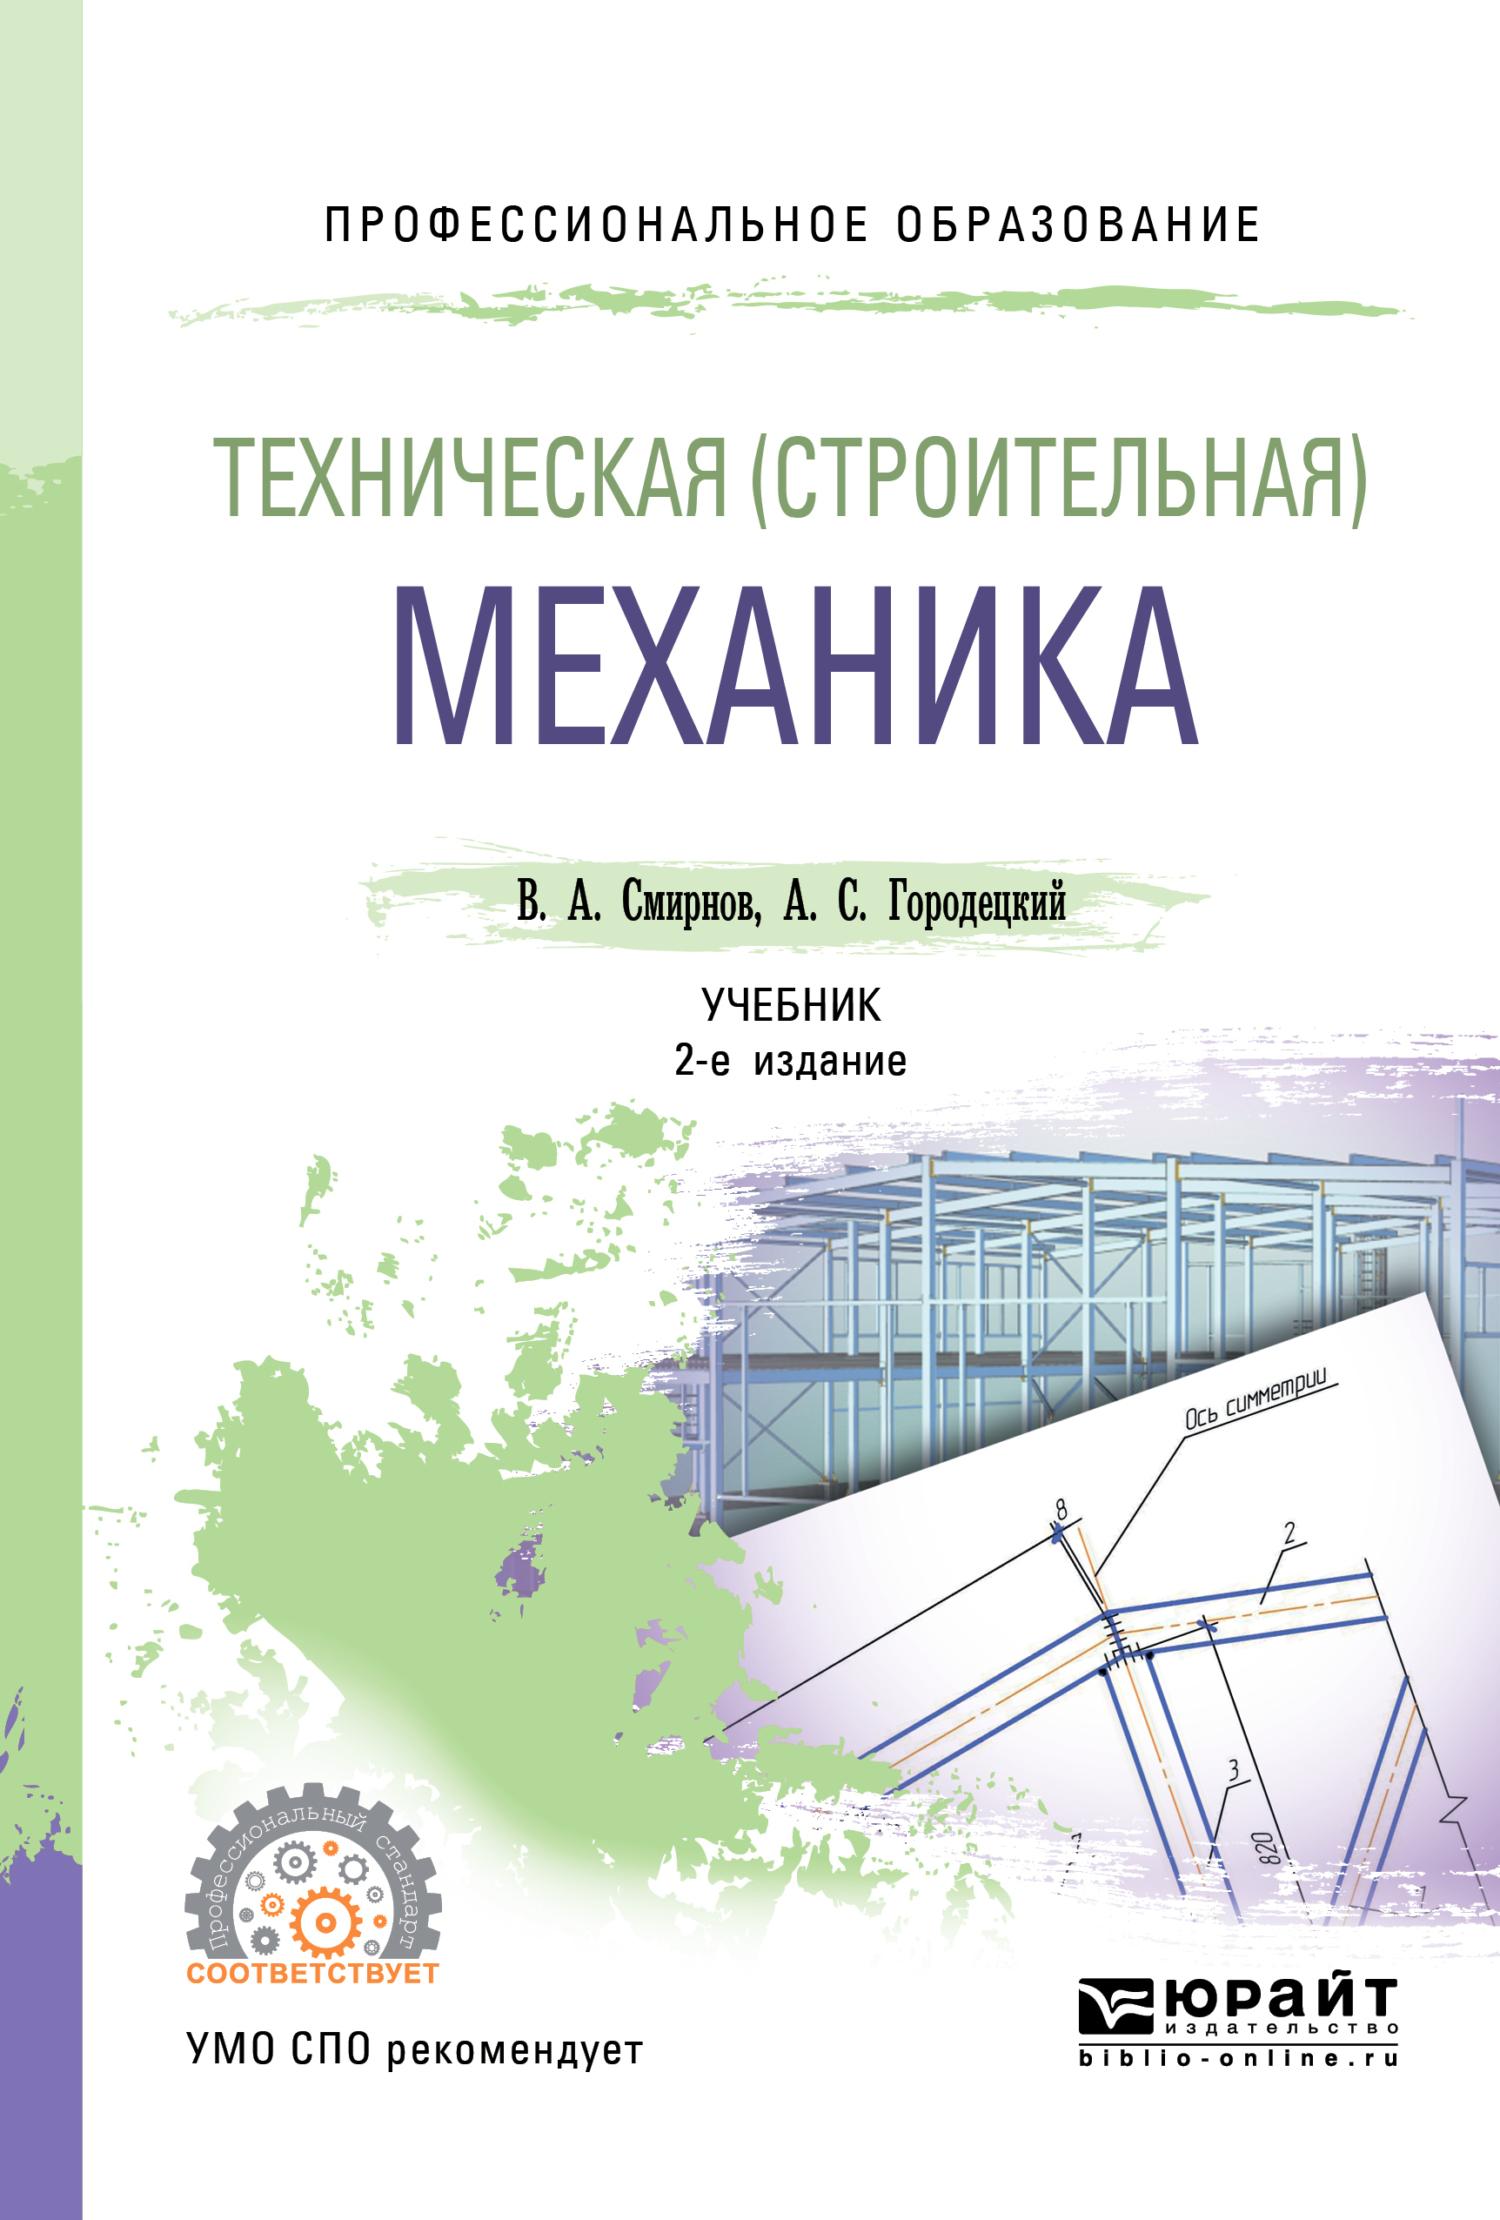 Техническая (строительная) механика 2-е изд., пер. и доп. Учебник для СПО